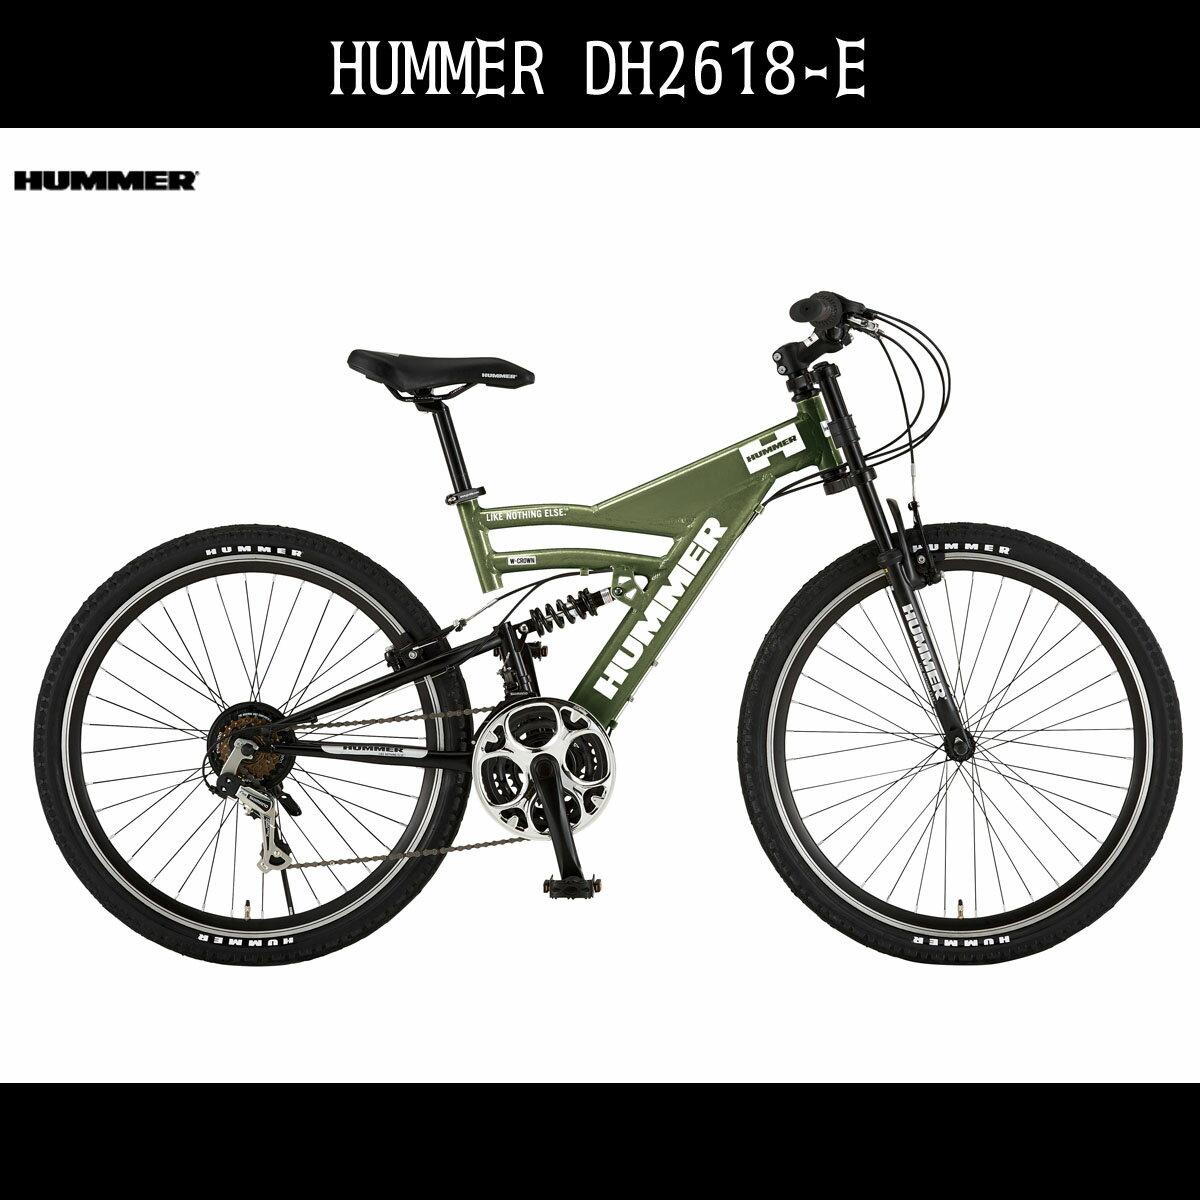 マウンテンバイク ハマー HUMMER 自転車 グリーン 緑26インチ 自転車 外装18段変速ギア アルミニウム MTB マウンテンバイク ハマー 自転車 DH2618-E アルミニウム ギア付 通販 おしゃれ